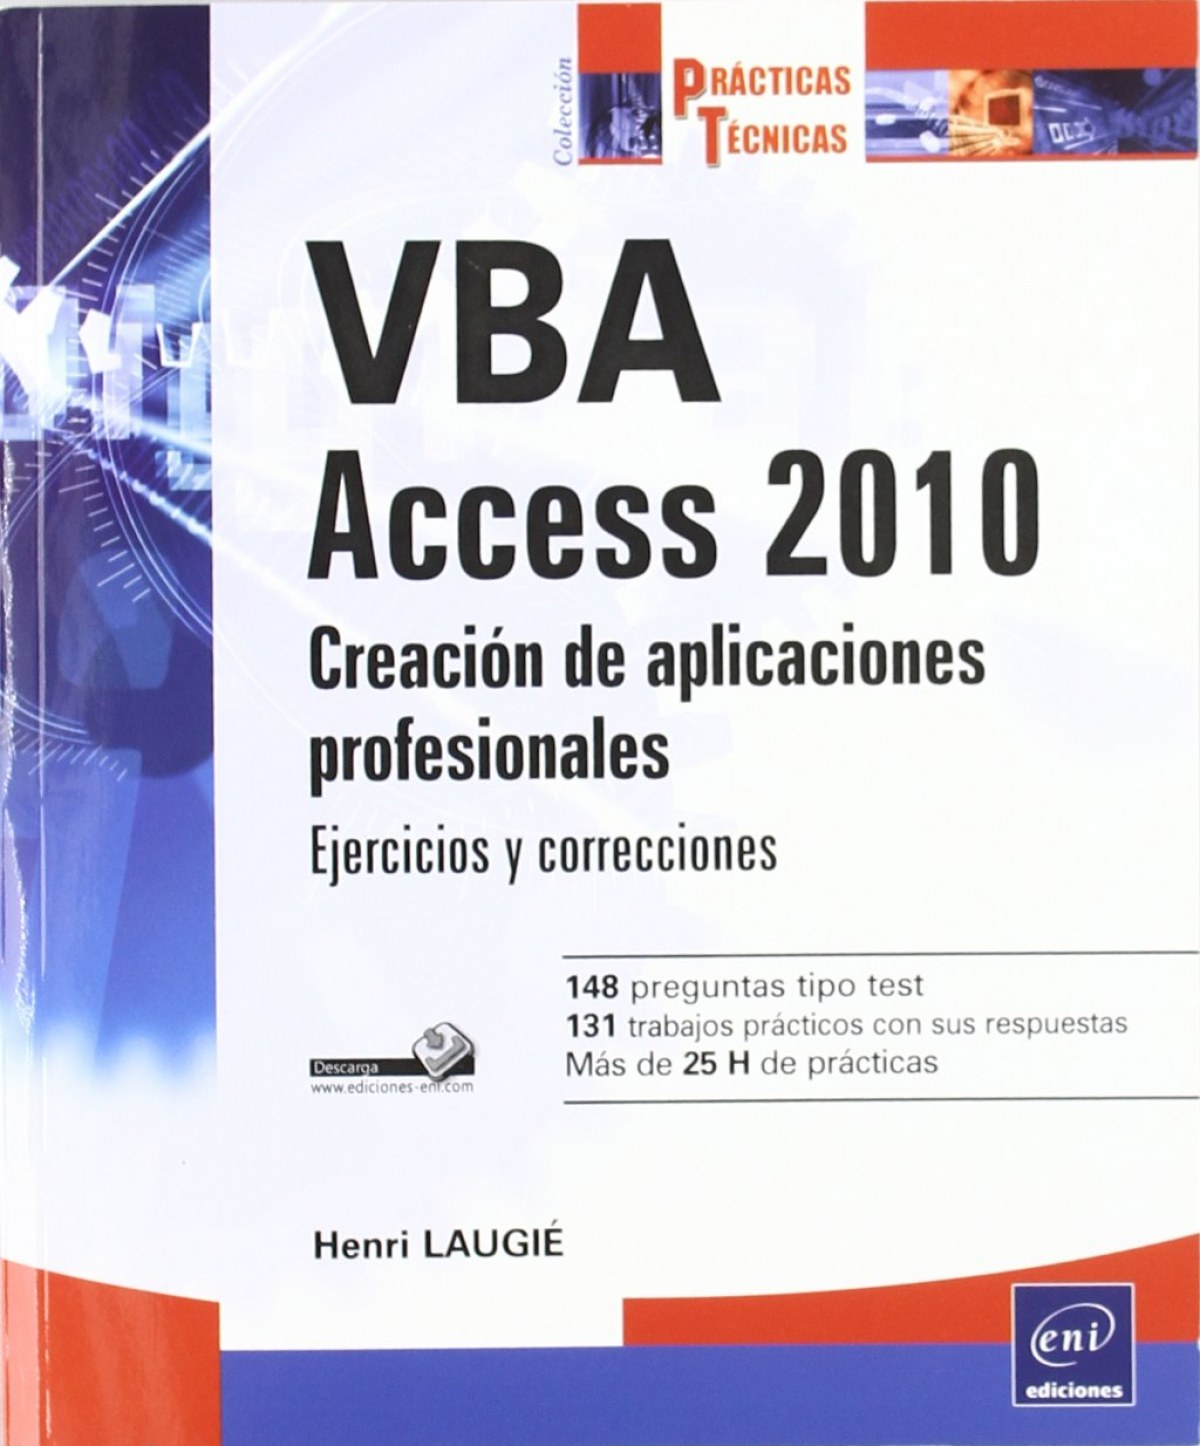 Prácticas Técnicas VBA Access 2010